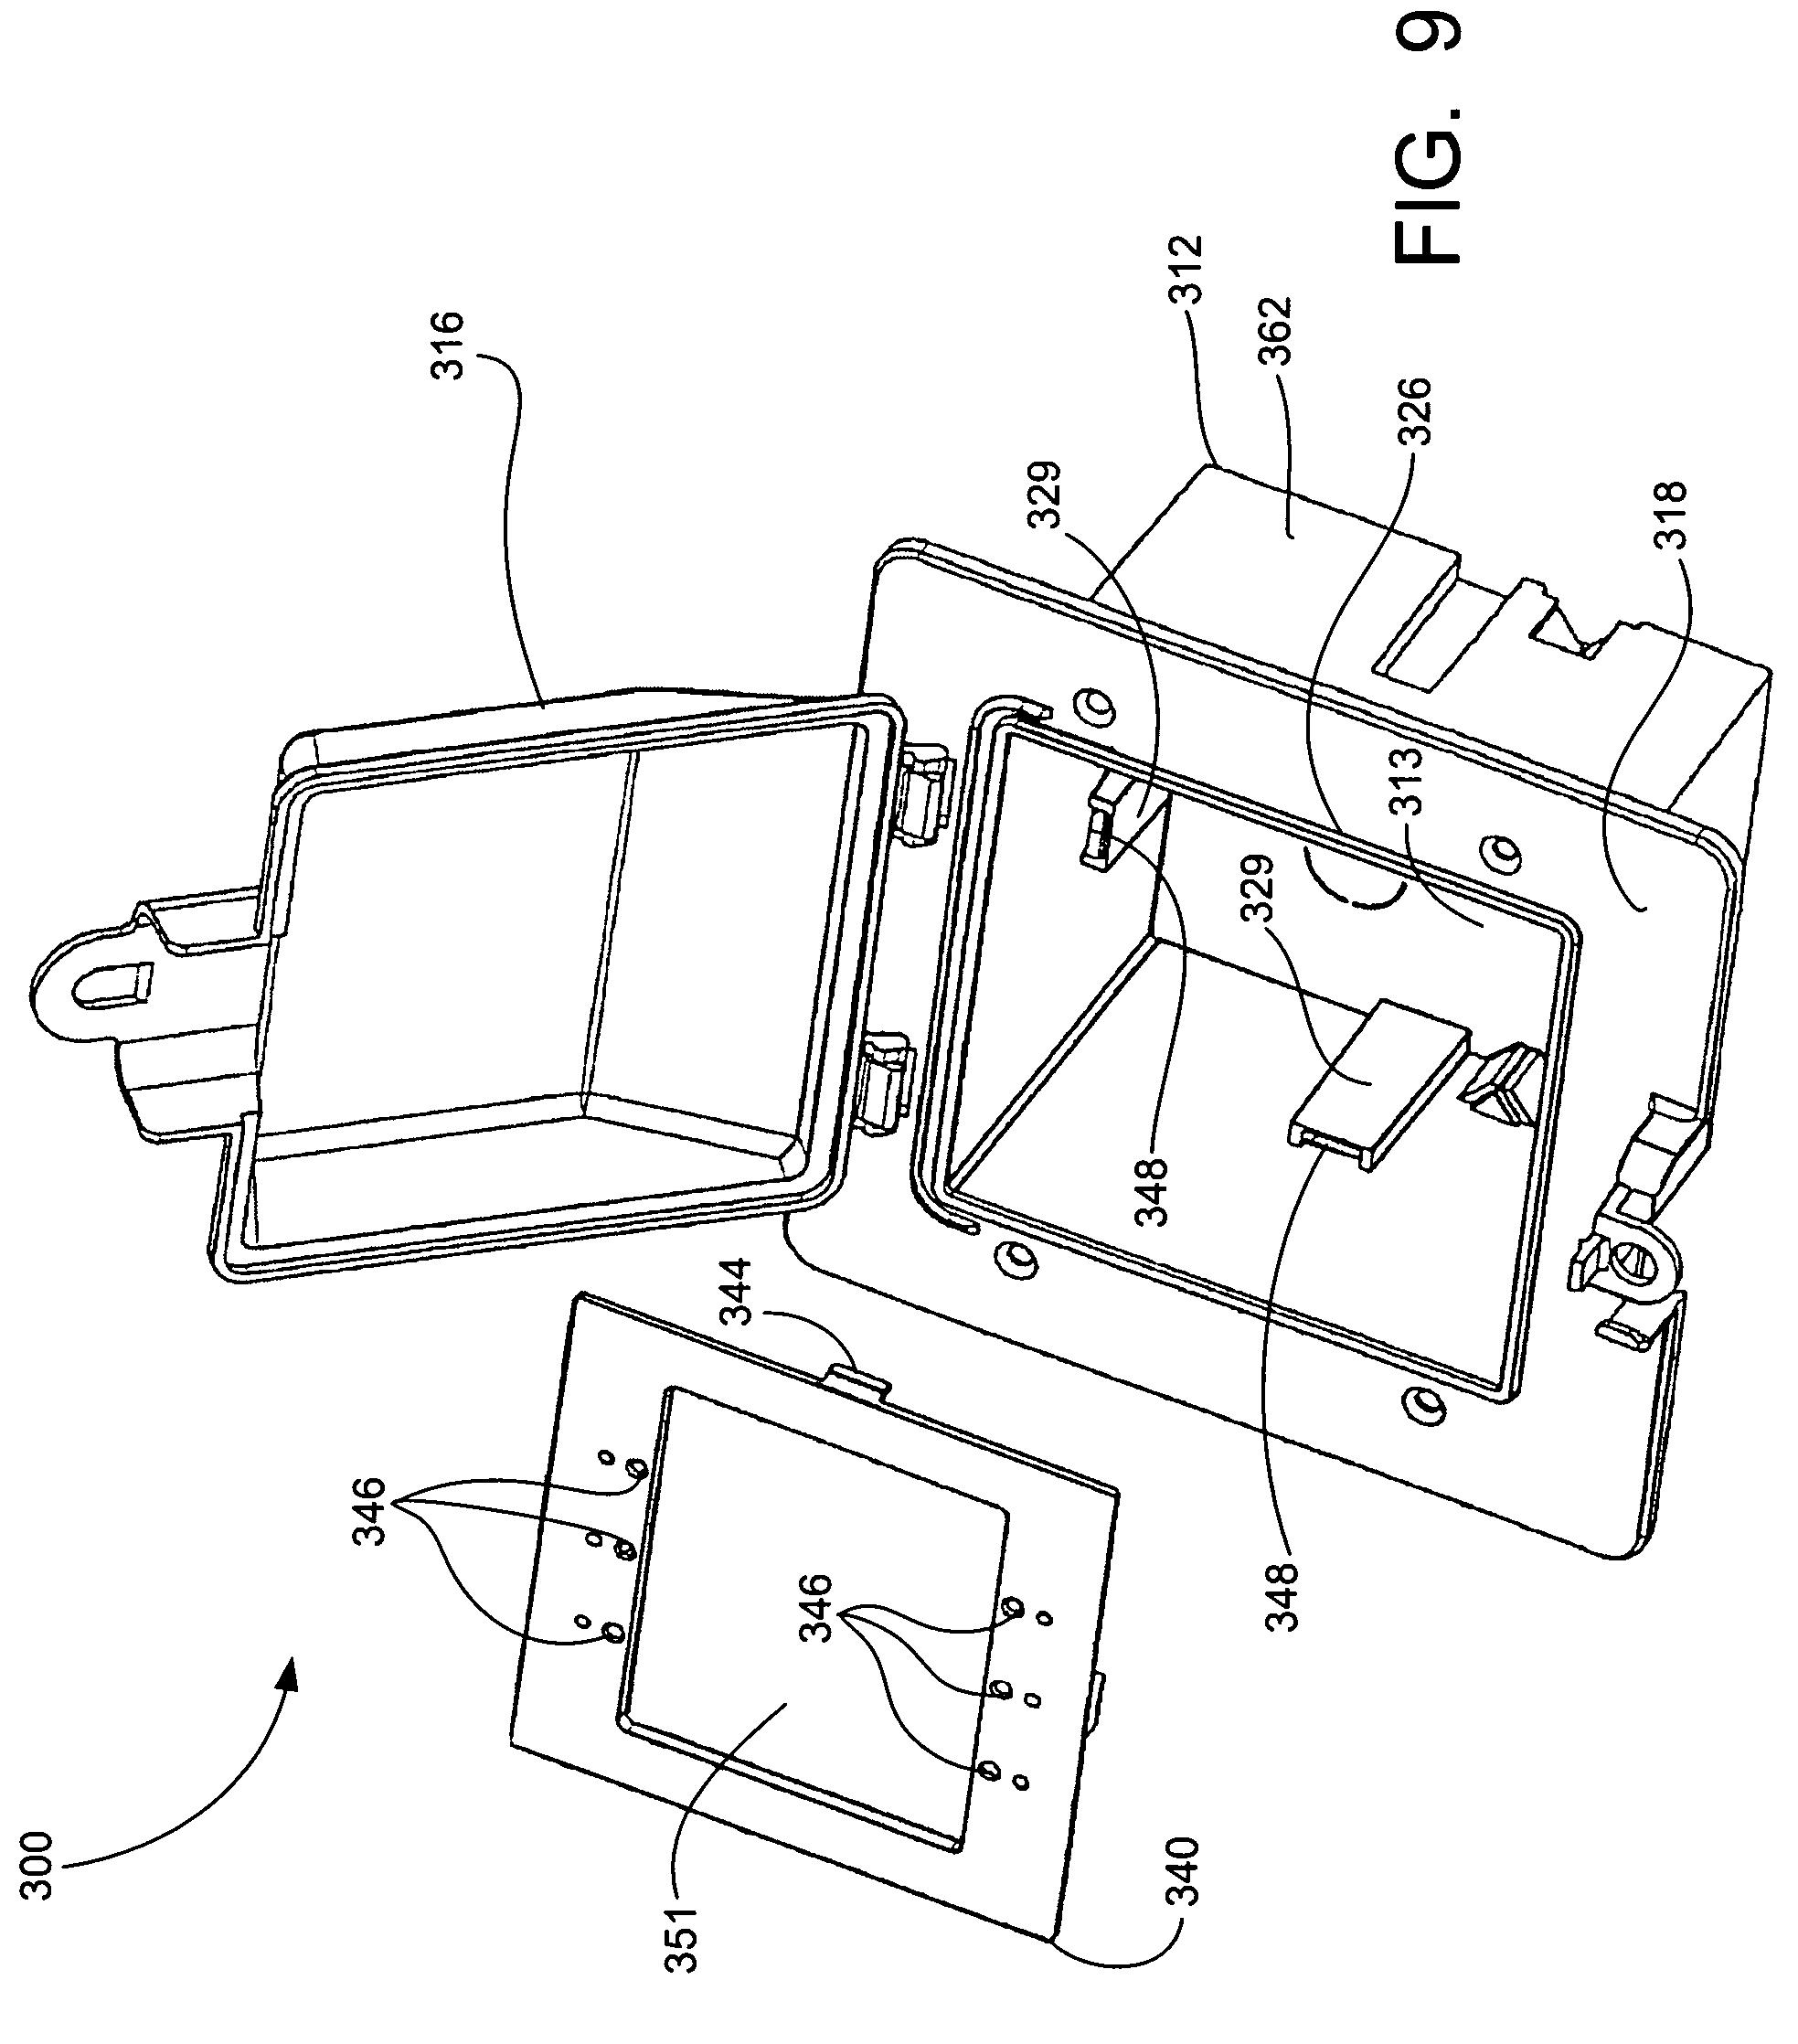 patent us7476806